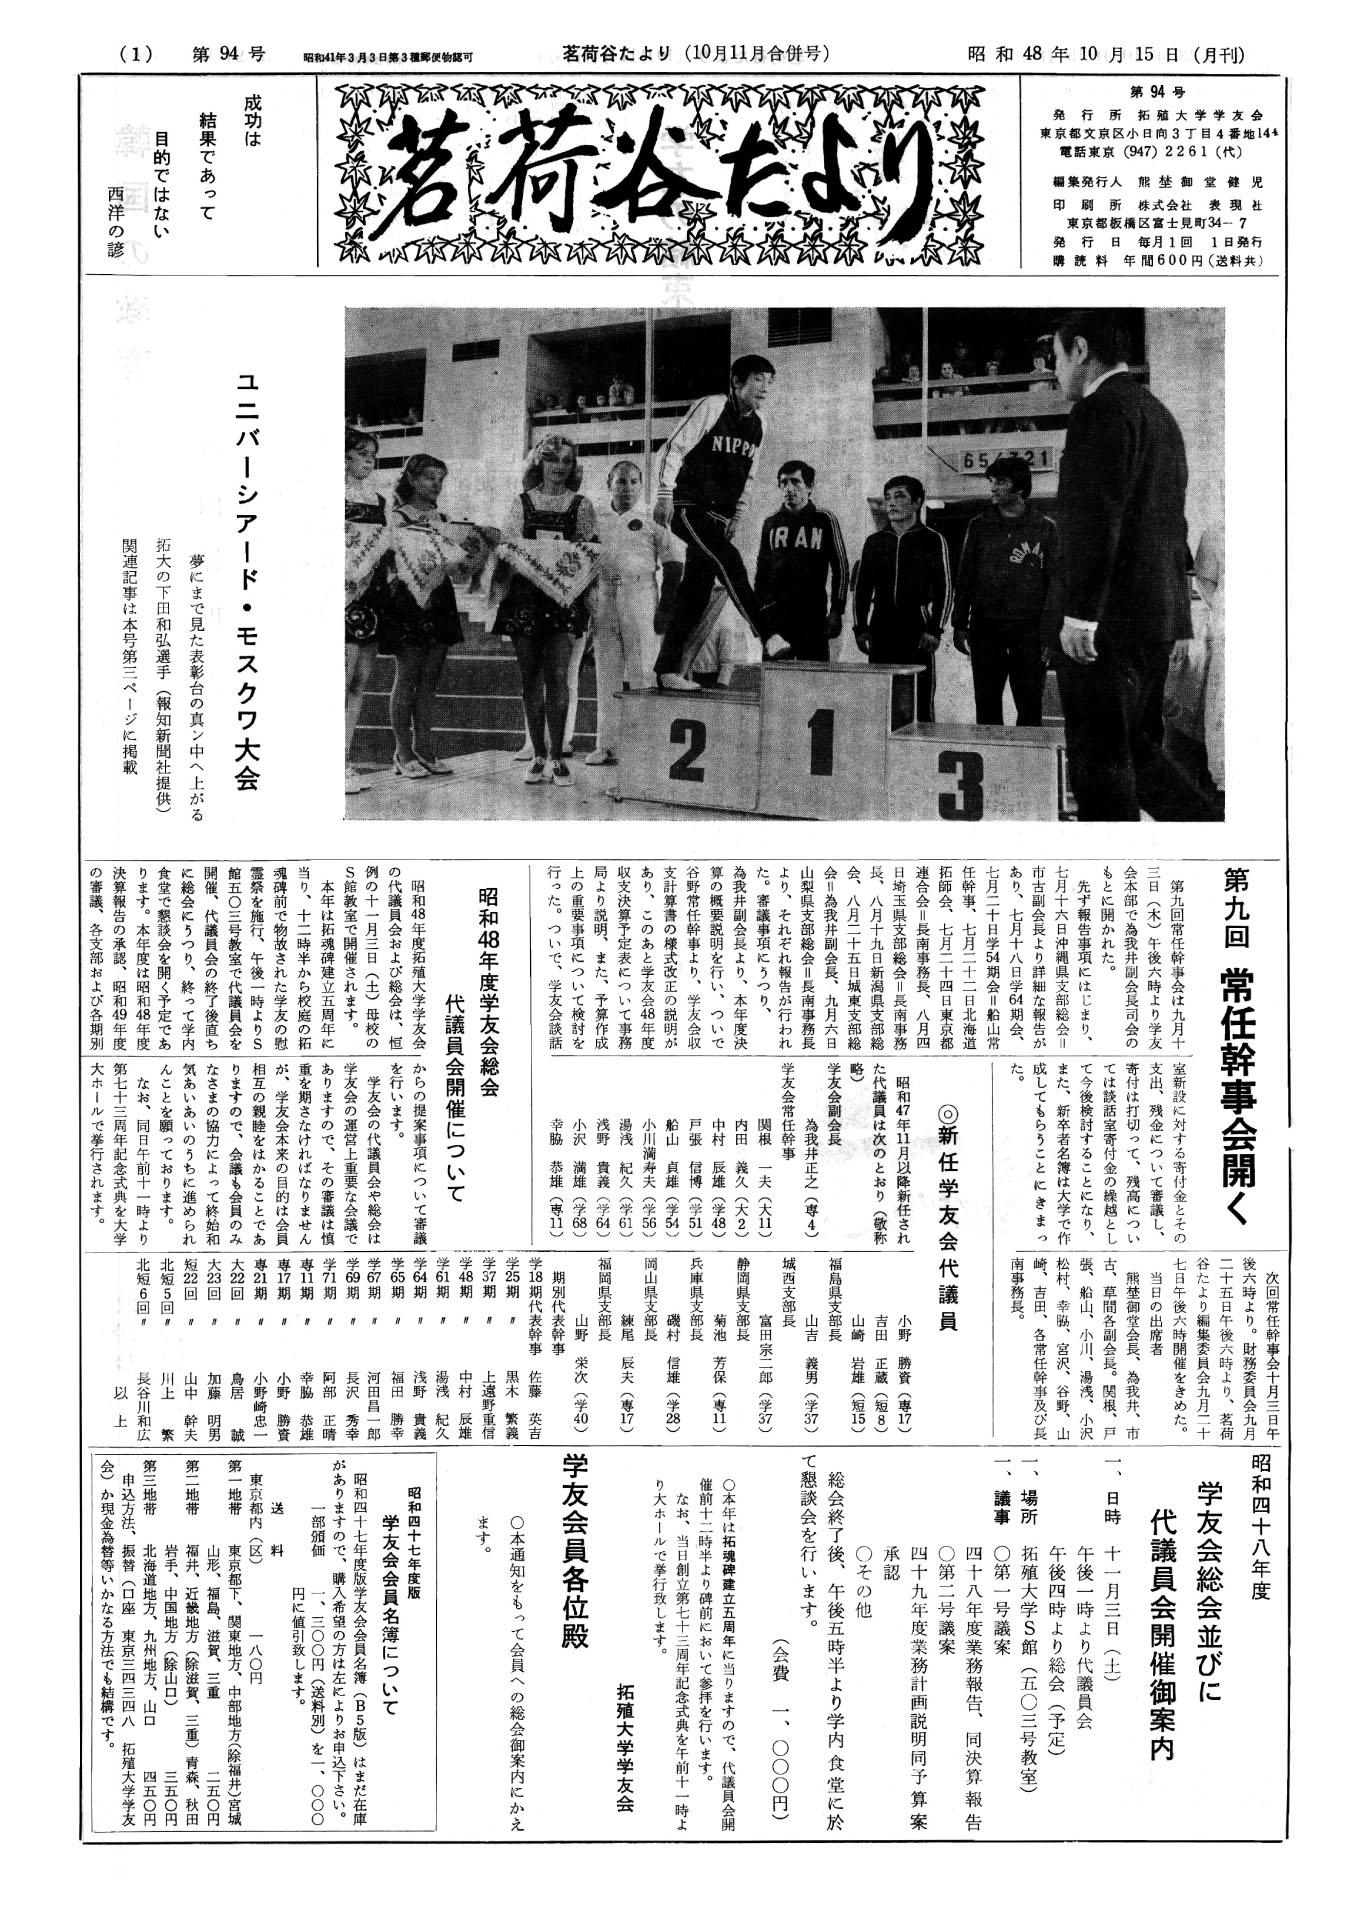 茗荷谷たより10月11月合併号(第94号)表紙